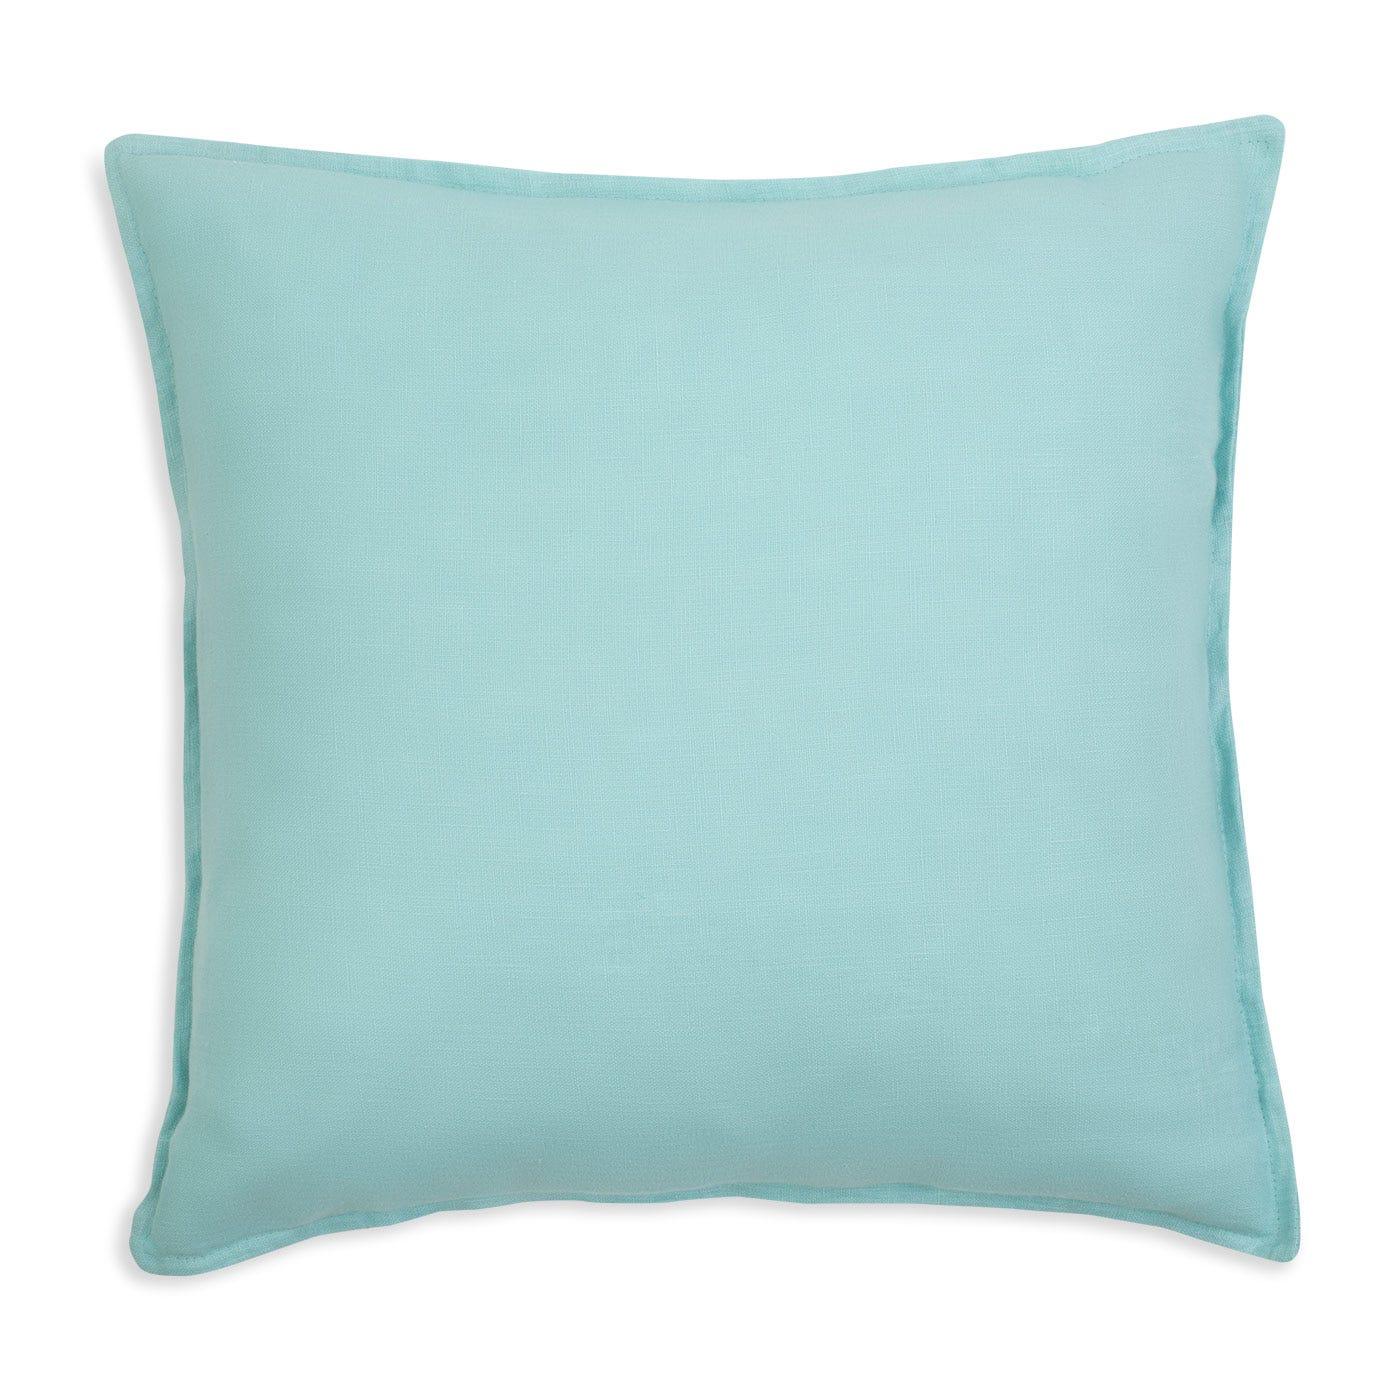 Linen Aqua Cushion